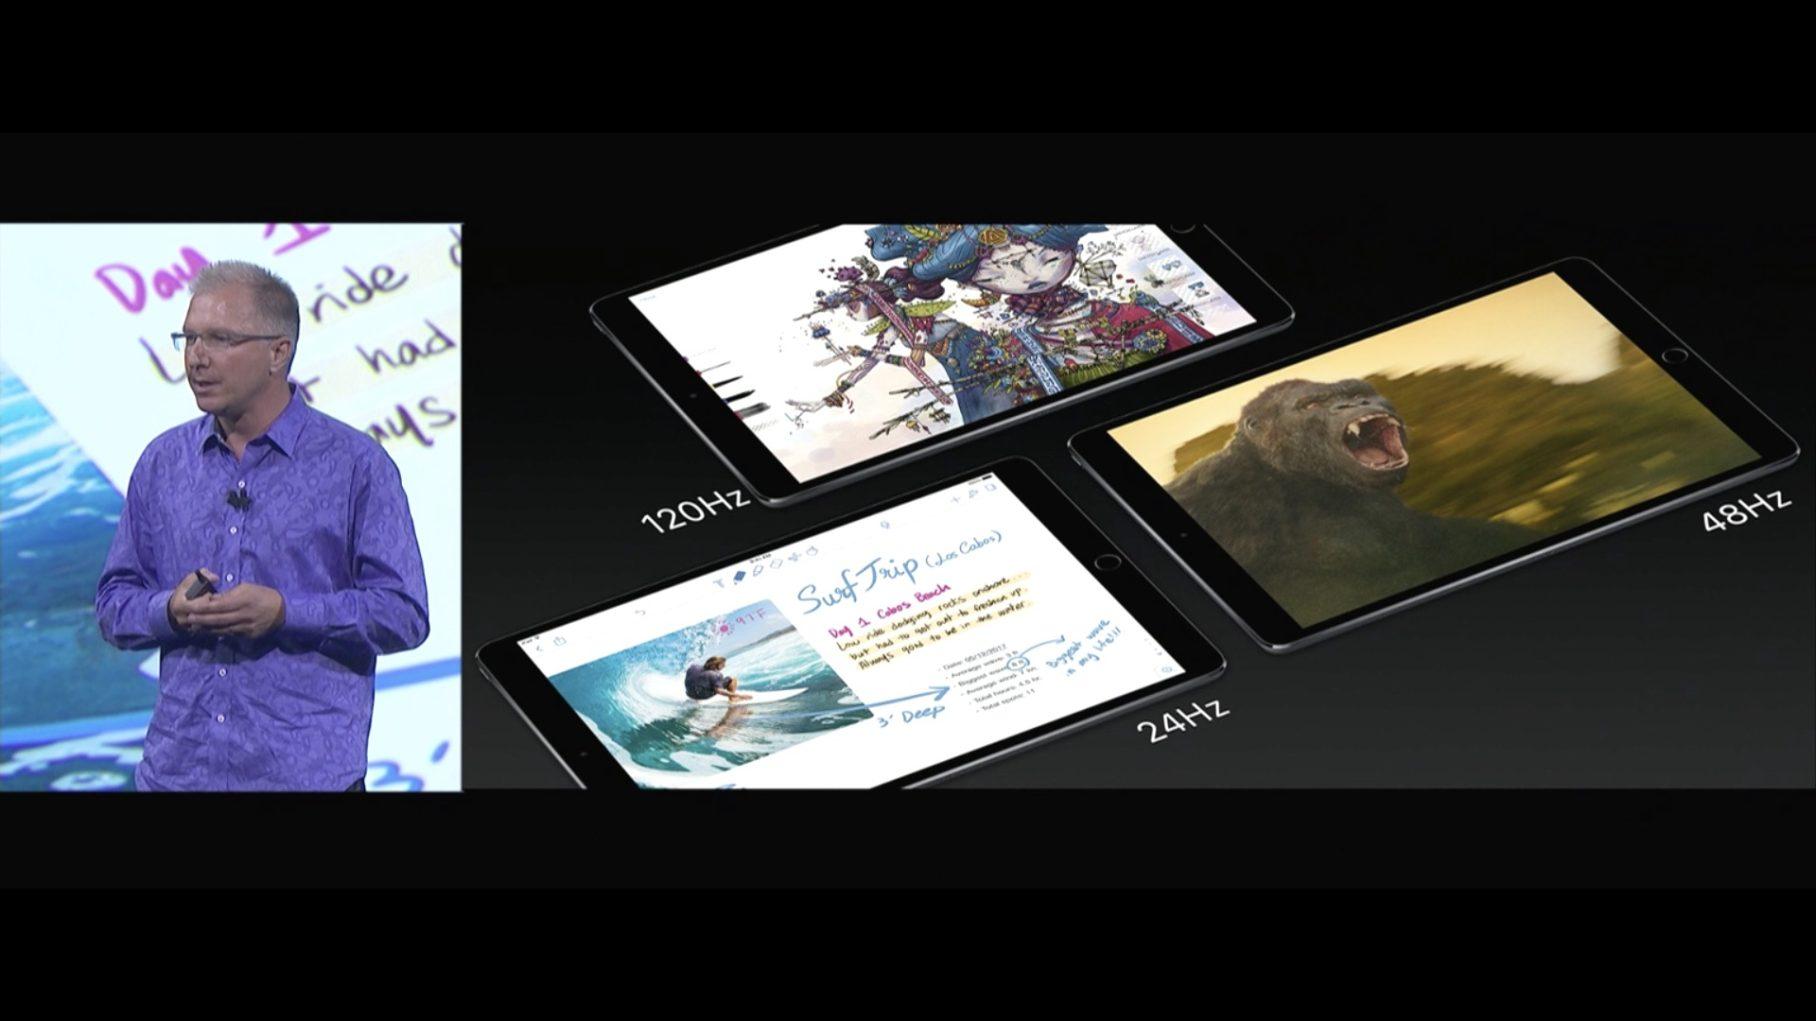 Apple anuncia novas versões de iPad e Macs